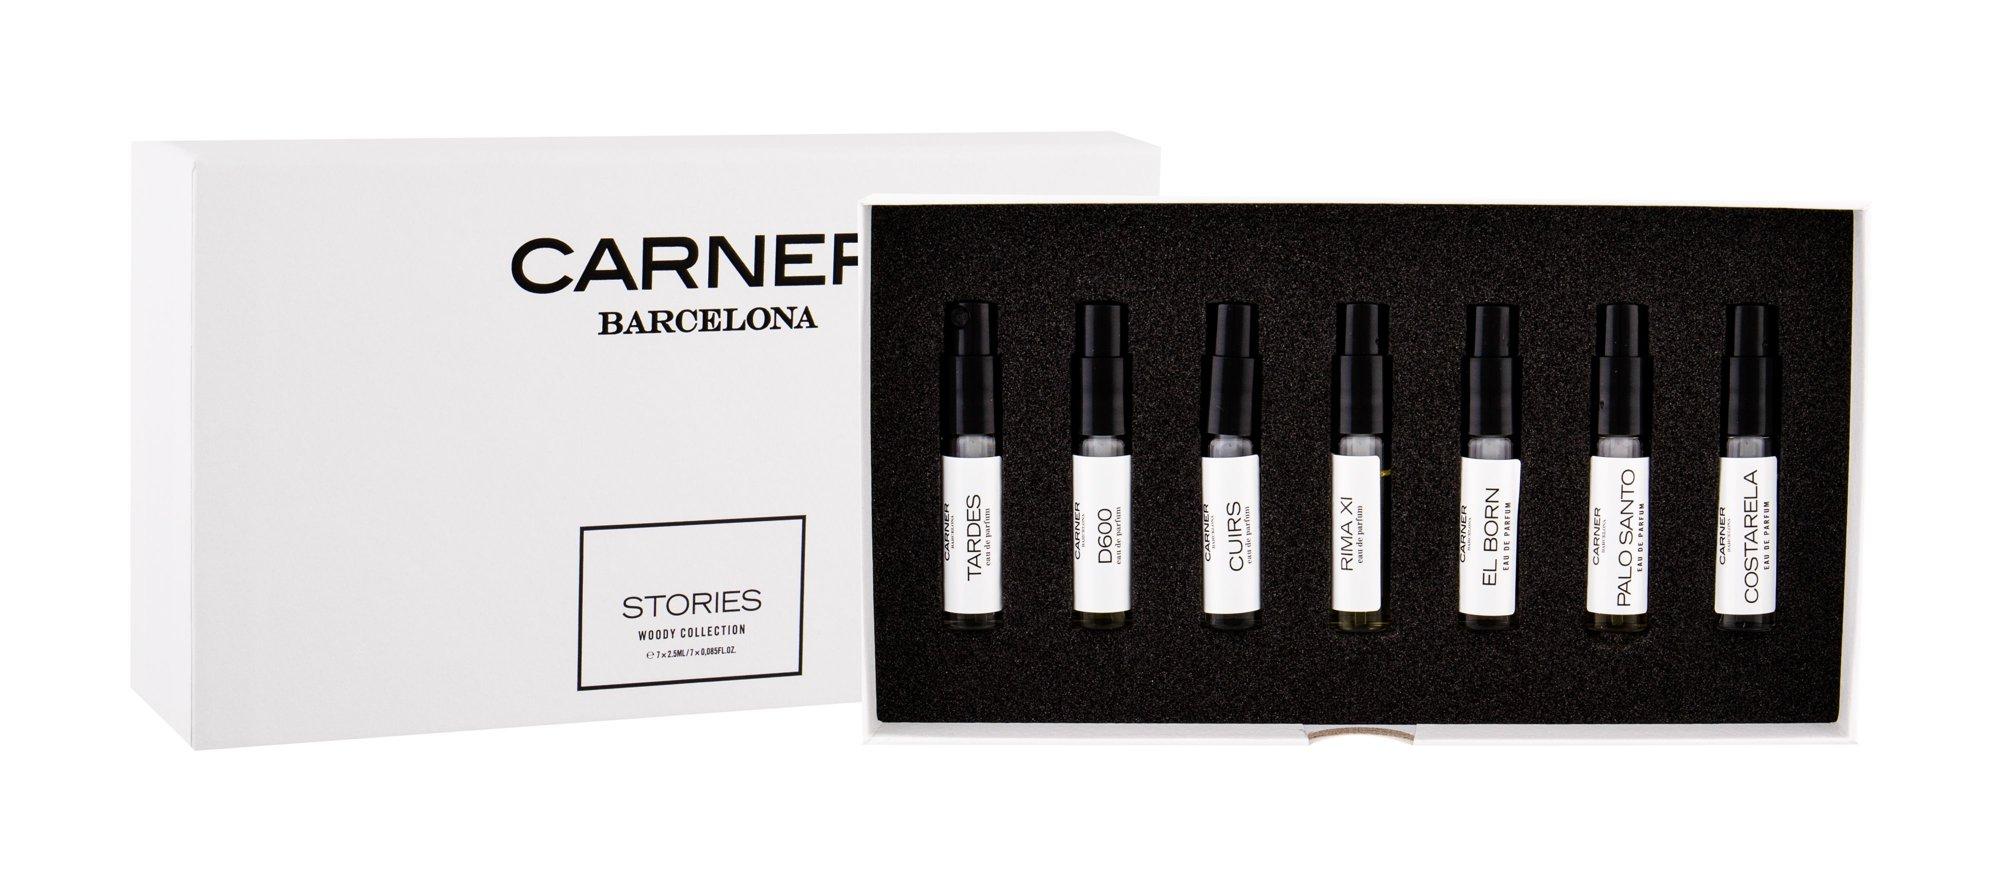 Carner Barcelona Woody Collection Eau de Parfum 7x2,5ml  Stories